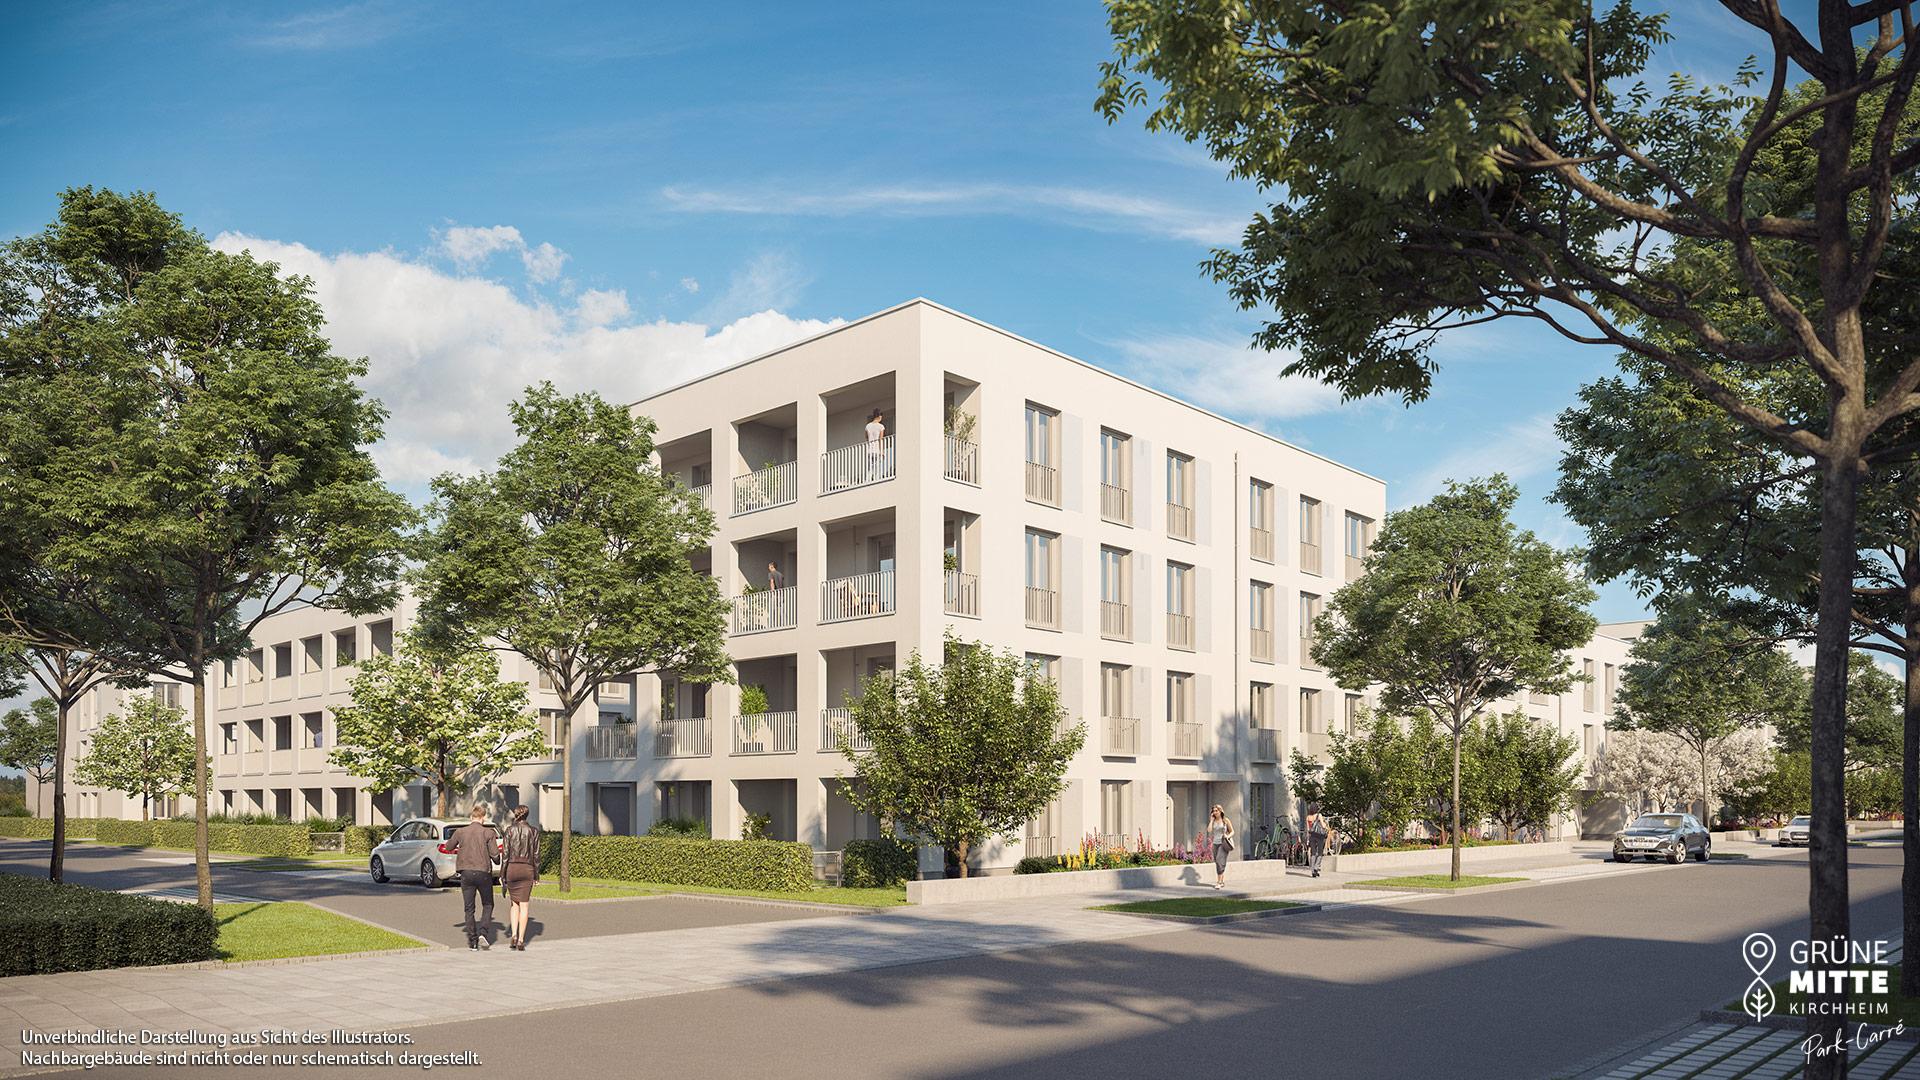 Eigentumswohnungen Kirchheim bei München: Grüne Mitte Kirchheim - Park-Carré - Illustration 1